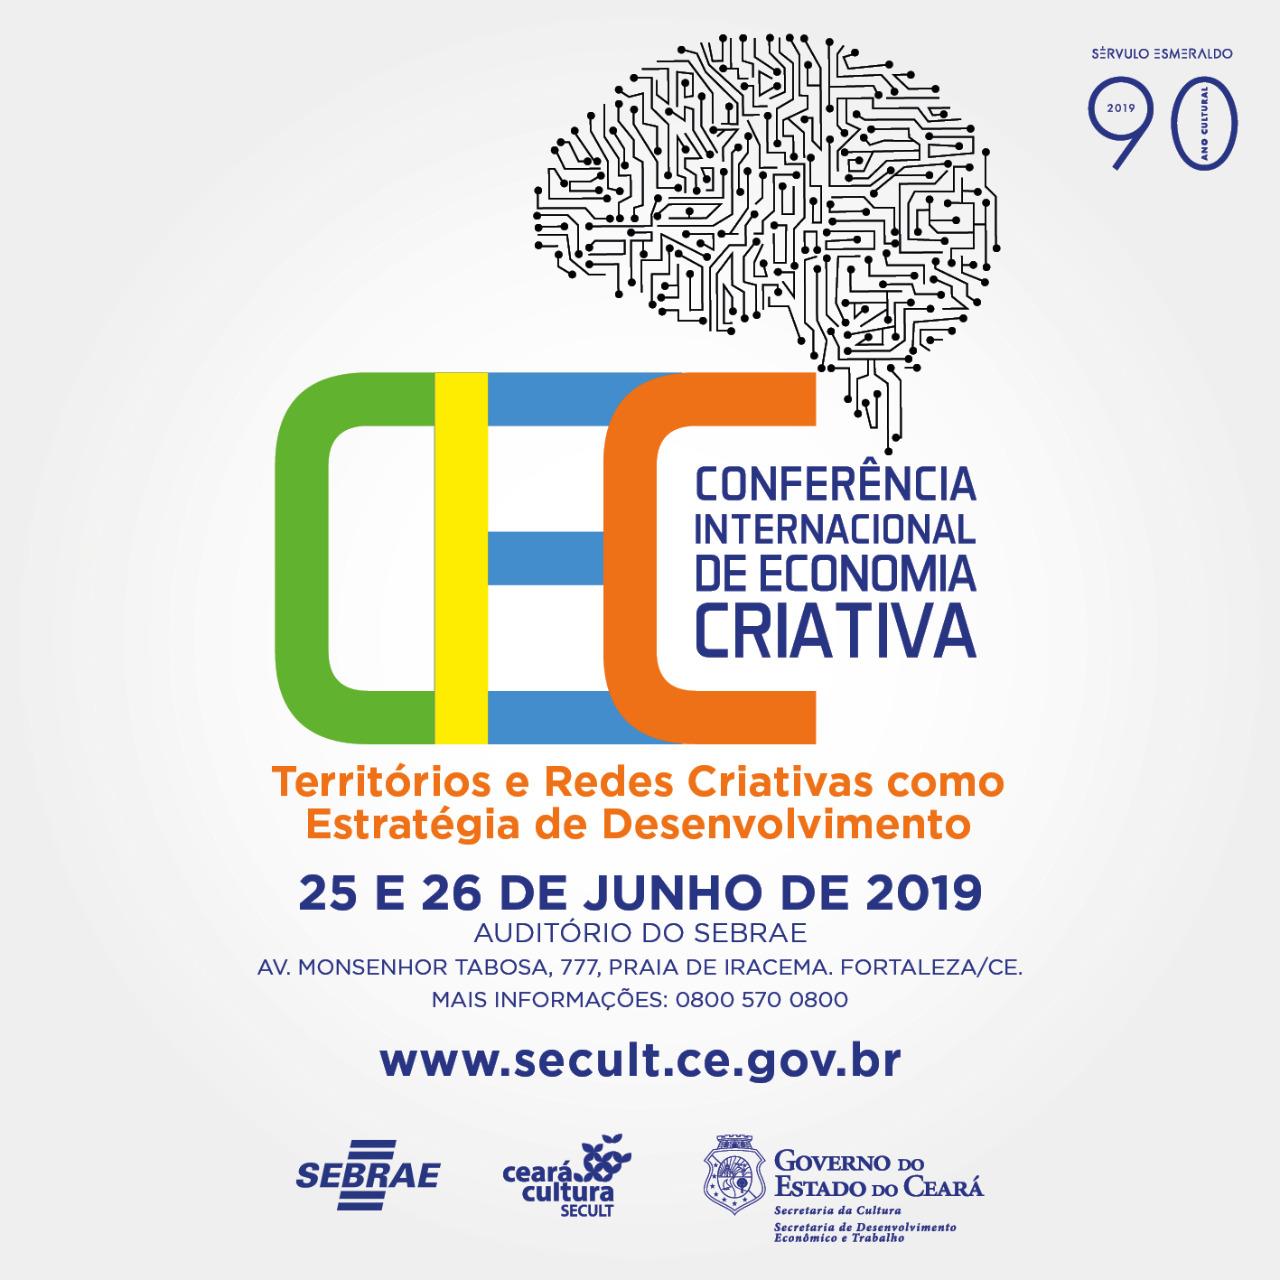 Conferência Internacional de Economia Criativa acontece nos dias 25 e 26 de junho